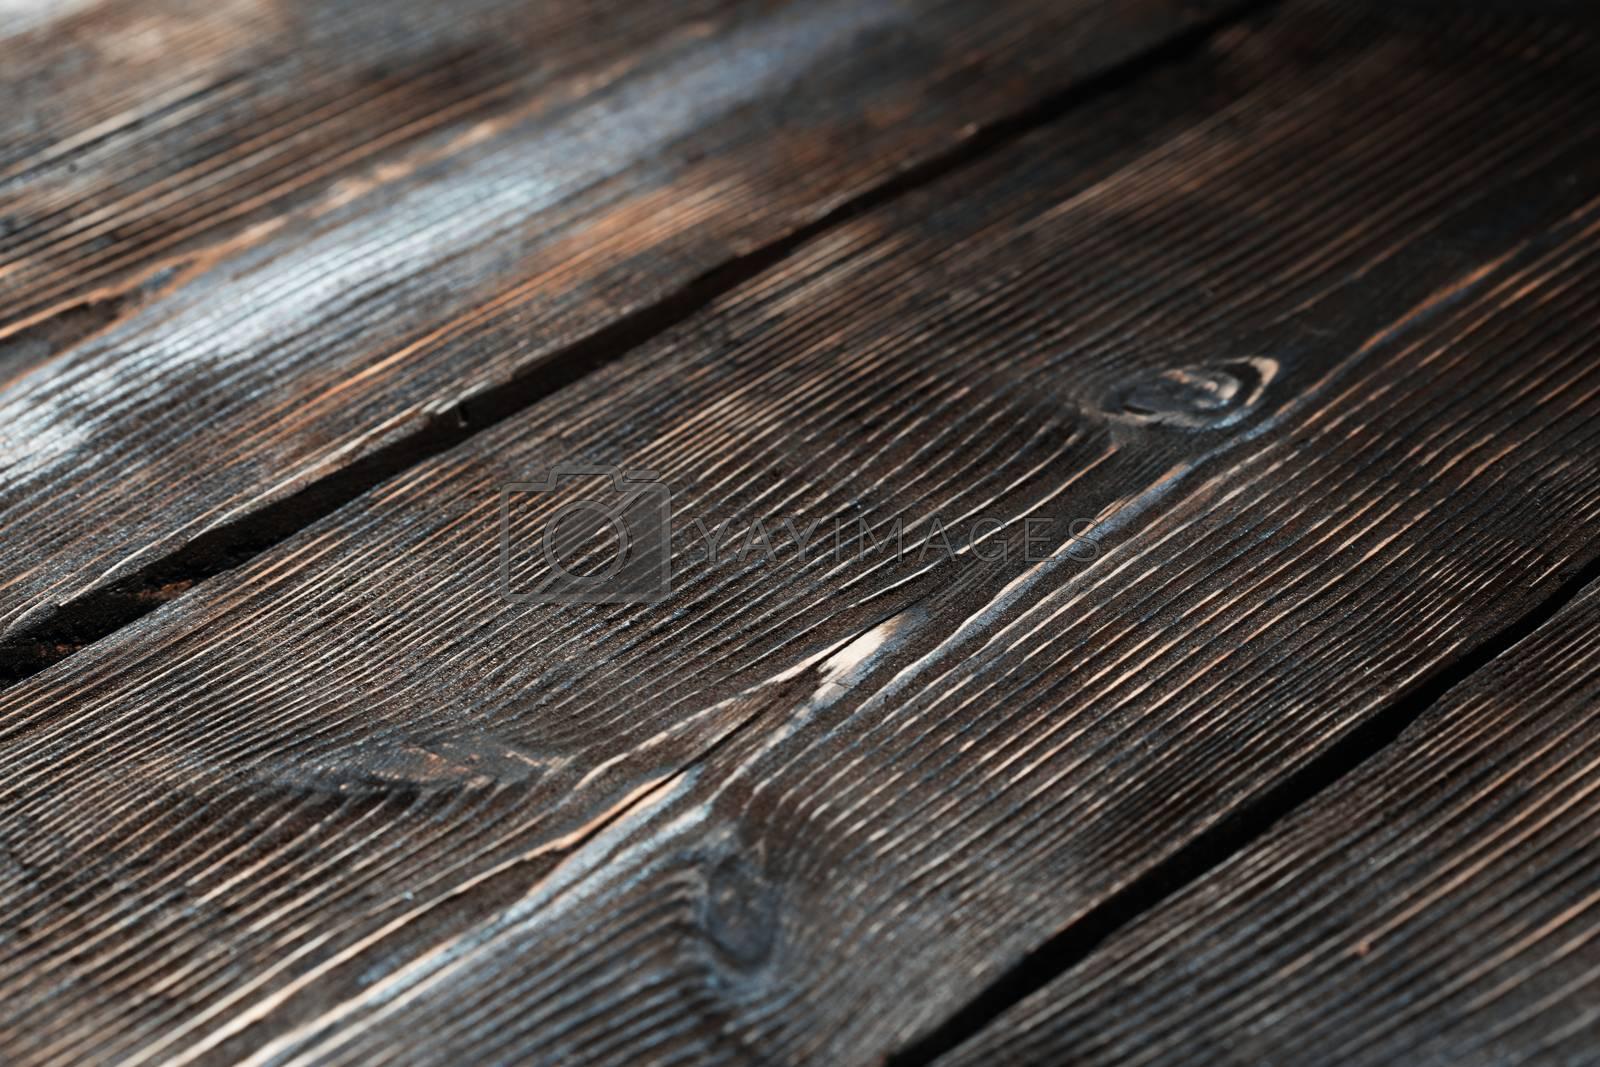 Hardwood planks. High angle view